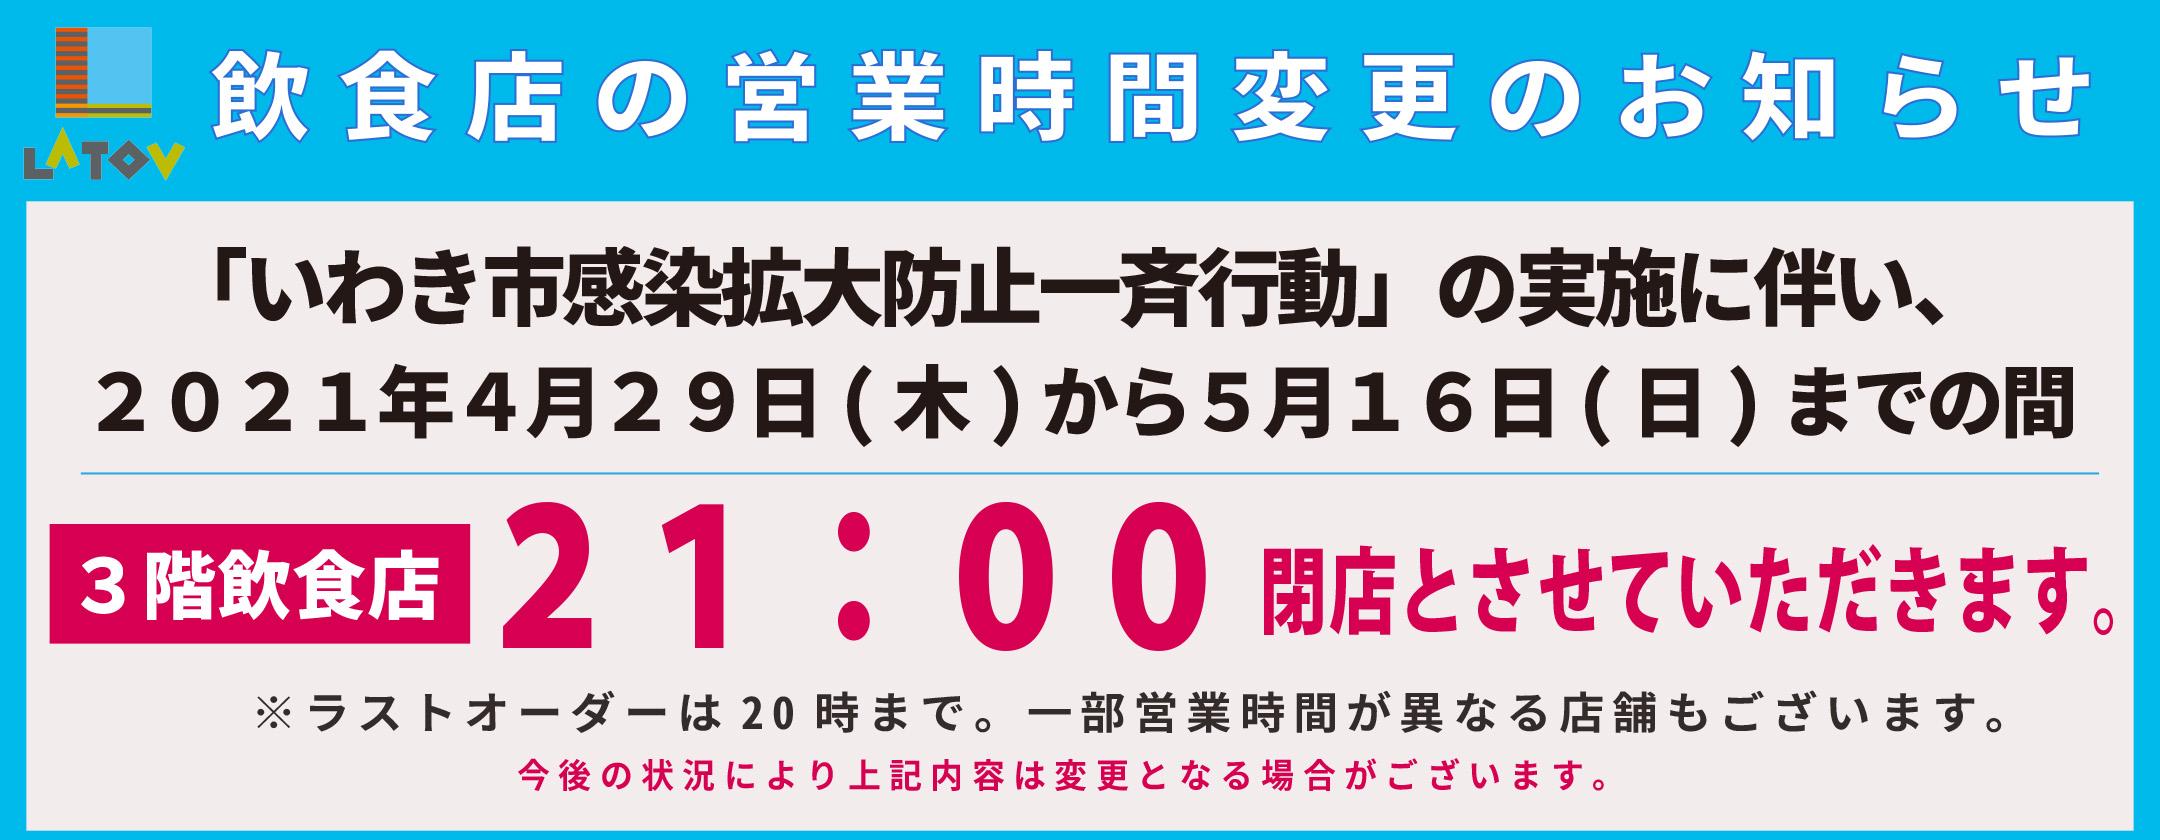 営業時間変更_2021.4.29